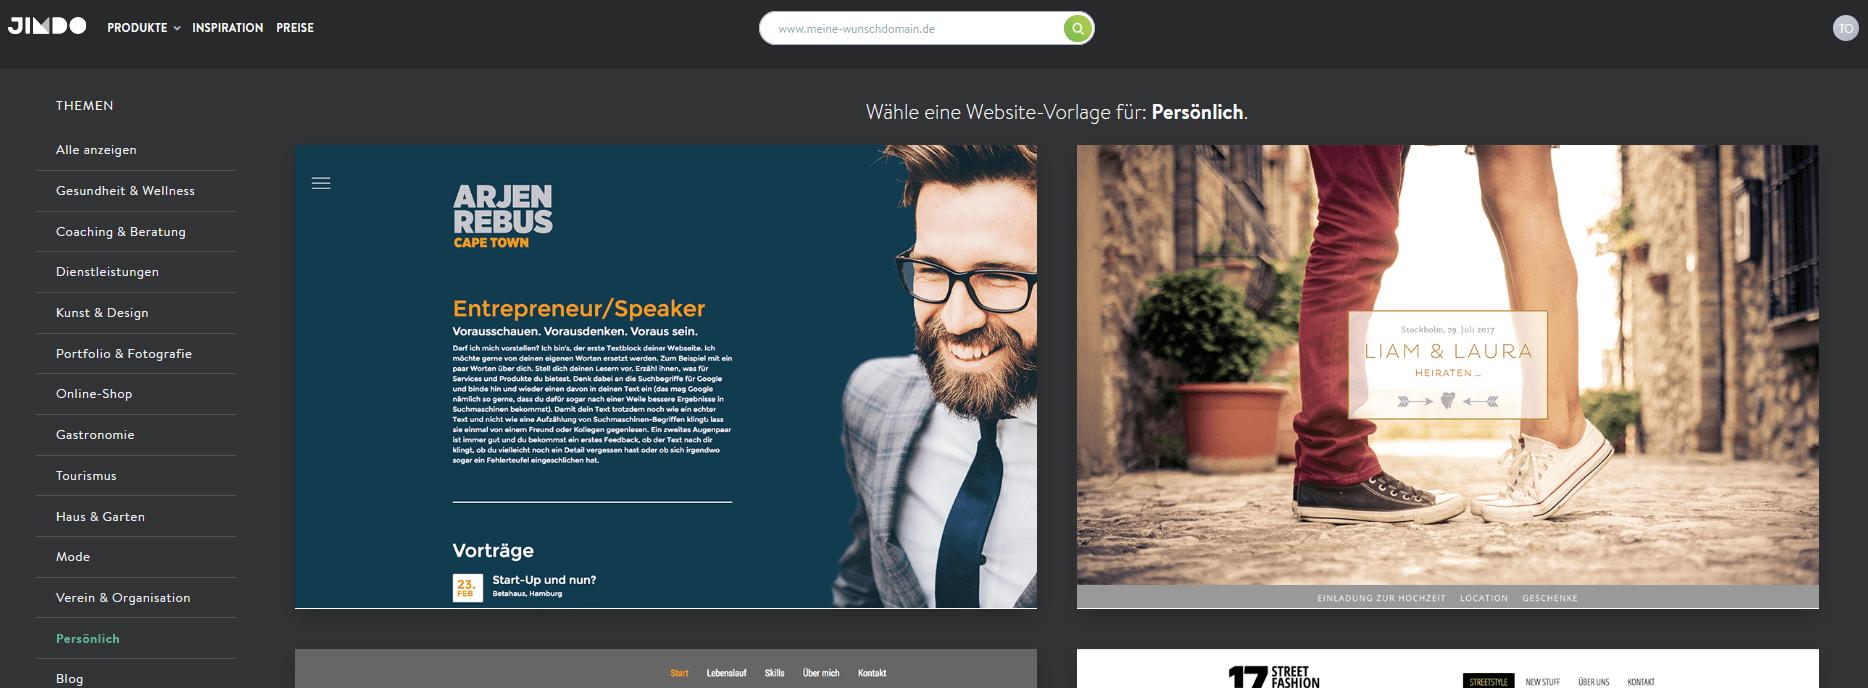 Hochzeitswebsite erstellen mit Jimdo Schritt 2.2